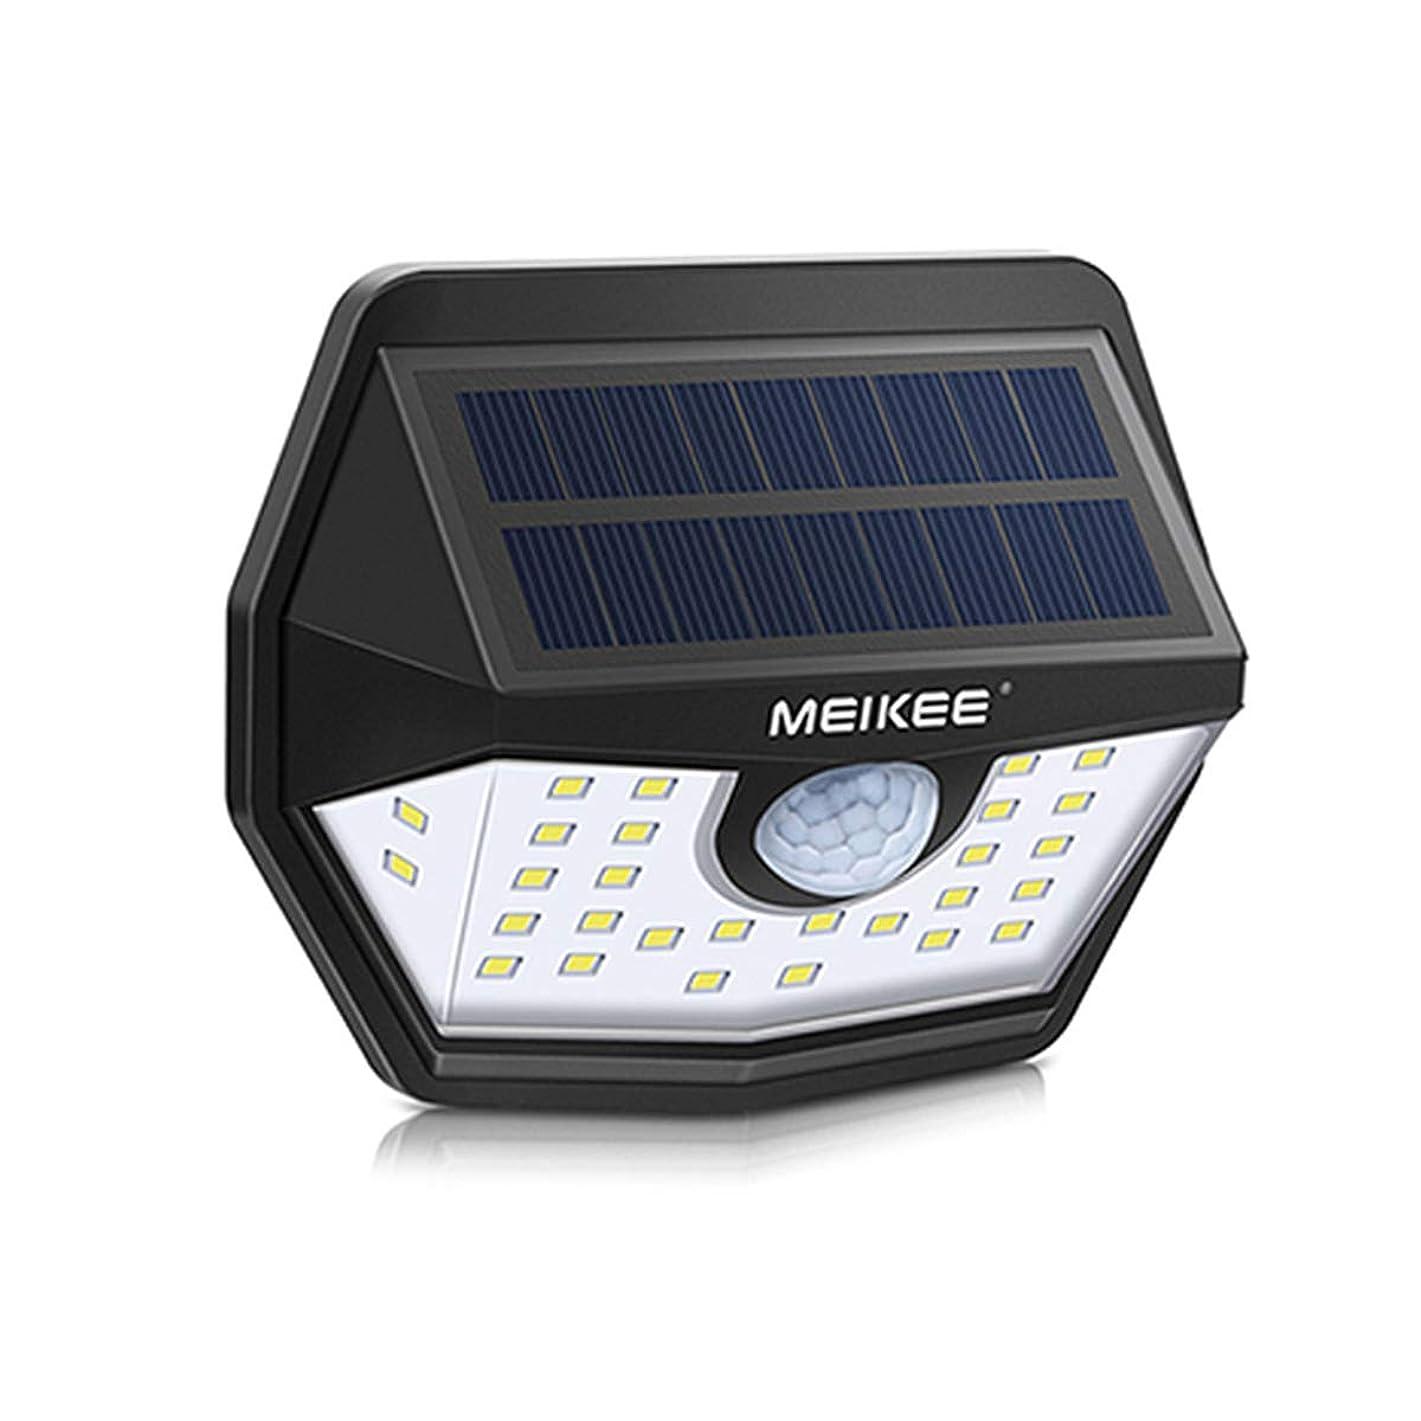 心理的冷蔵する会社MEIKEE ソーラー式センサーライト 屋外 ブラケットライト1800mAH 30LED 6000K IP65 防犯ライト 人感センサー 200°照明角度 450lm 太陽光発電 庭 玄関 駐車場 通路 ガーデンライト 大活躍 (昼白色1個セット)